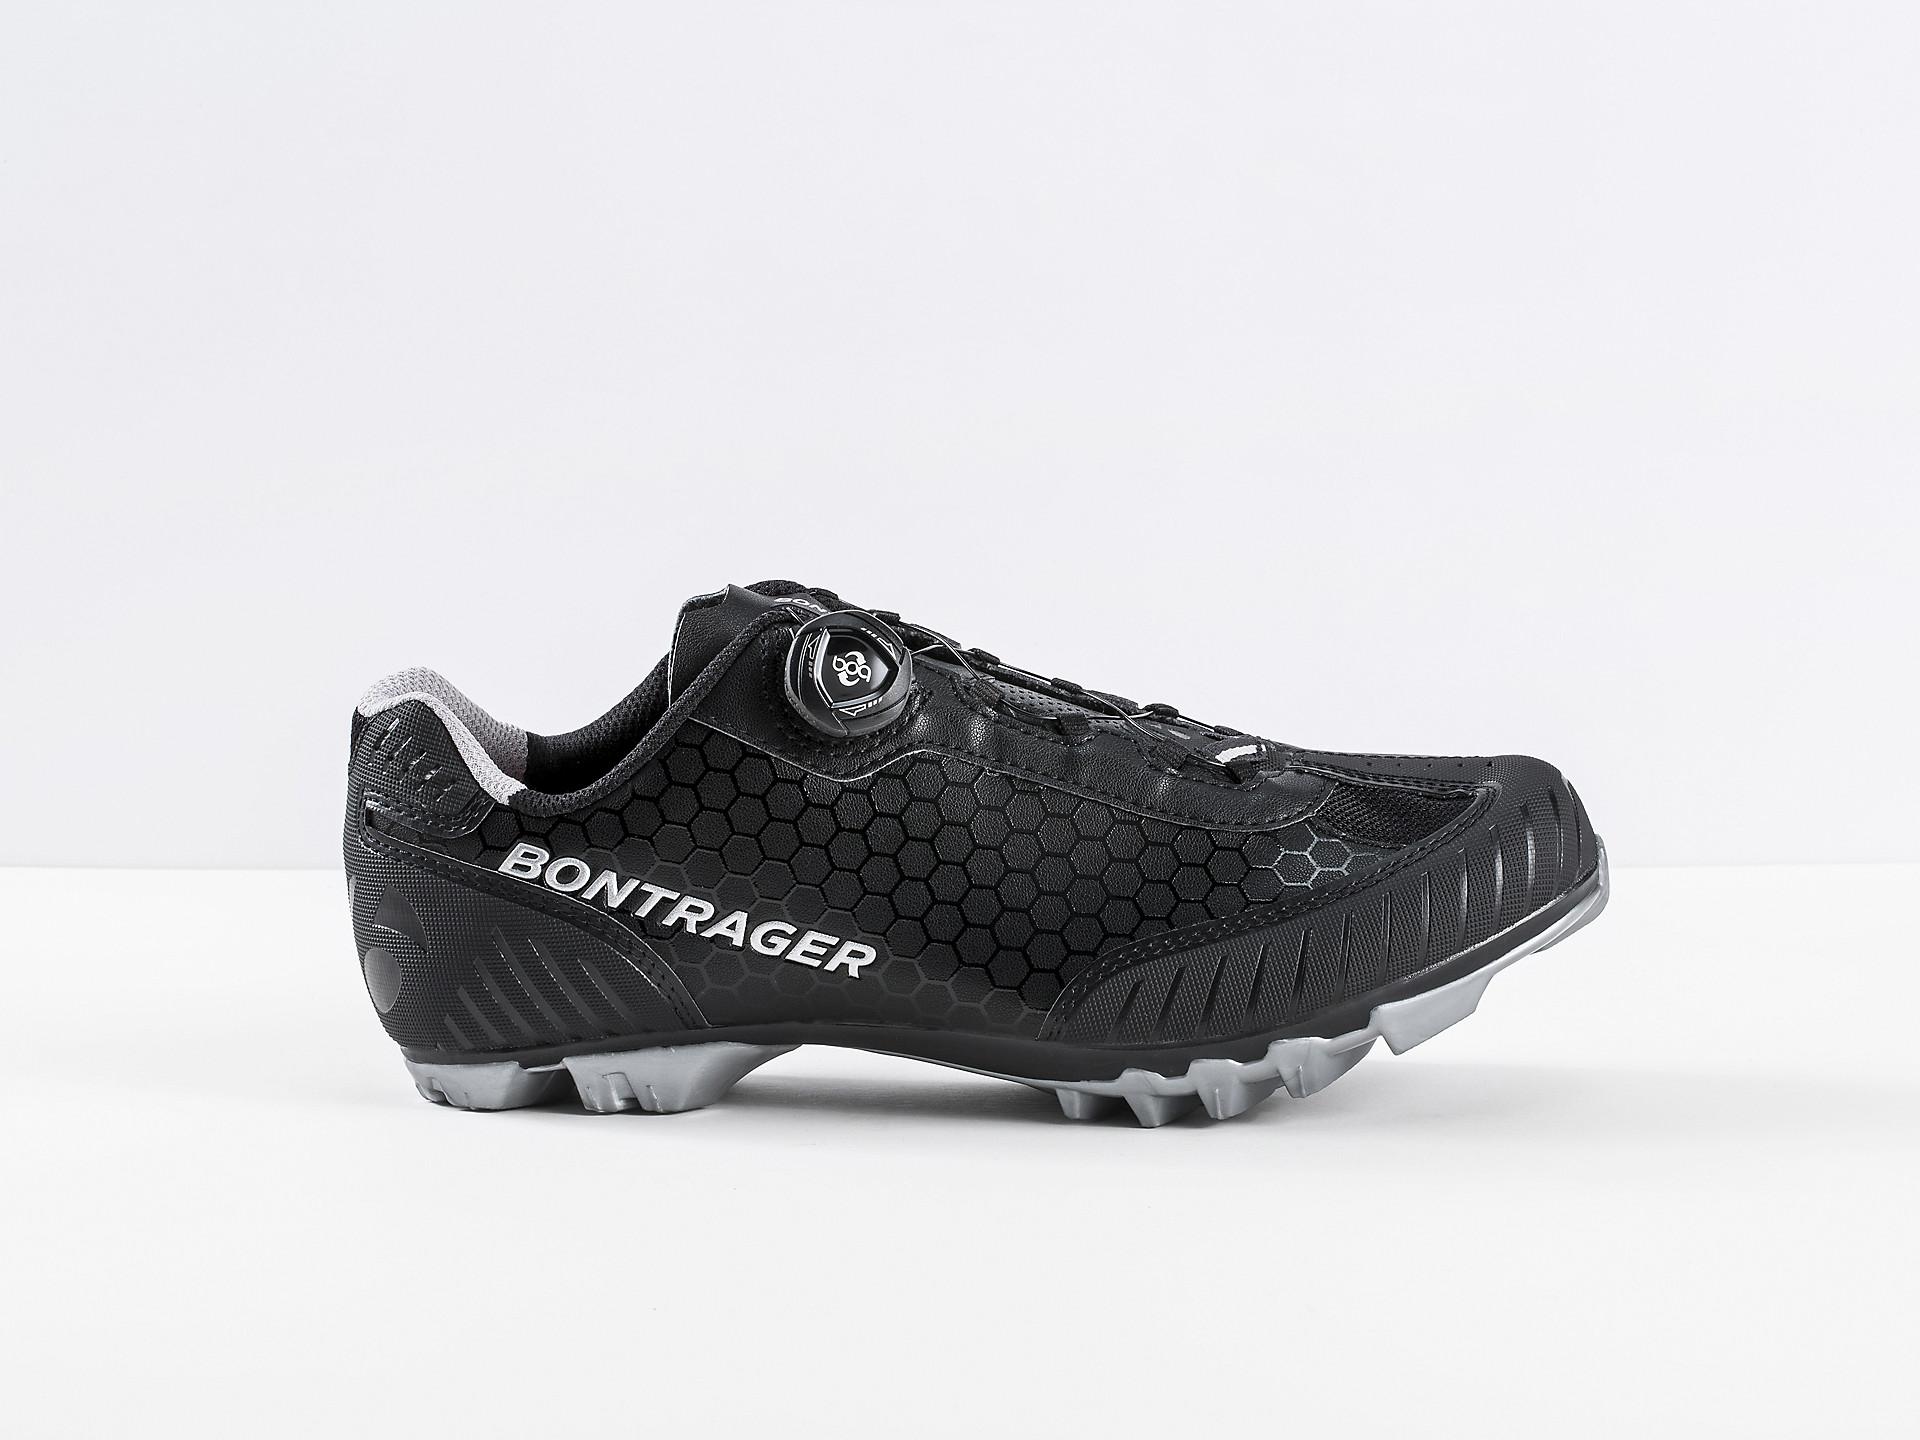 Bontrager Foray Mountain Shoe Trek Bikes